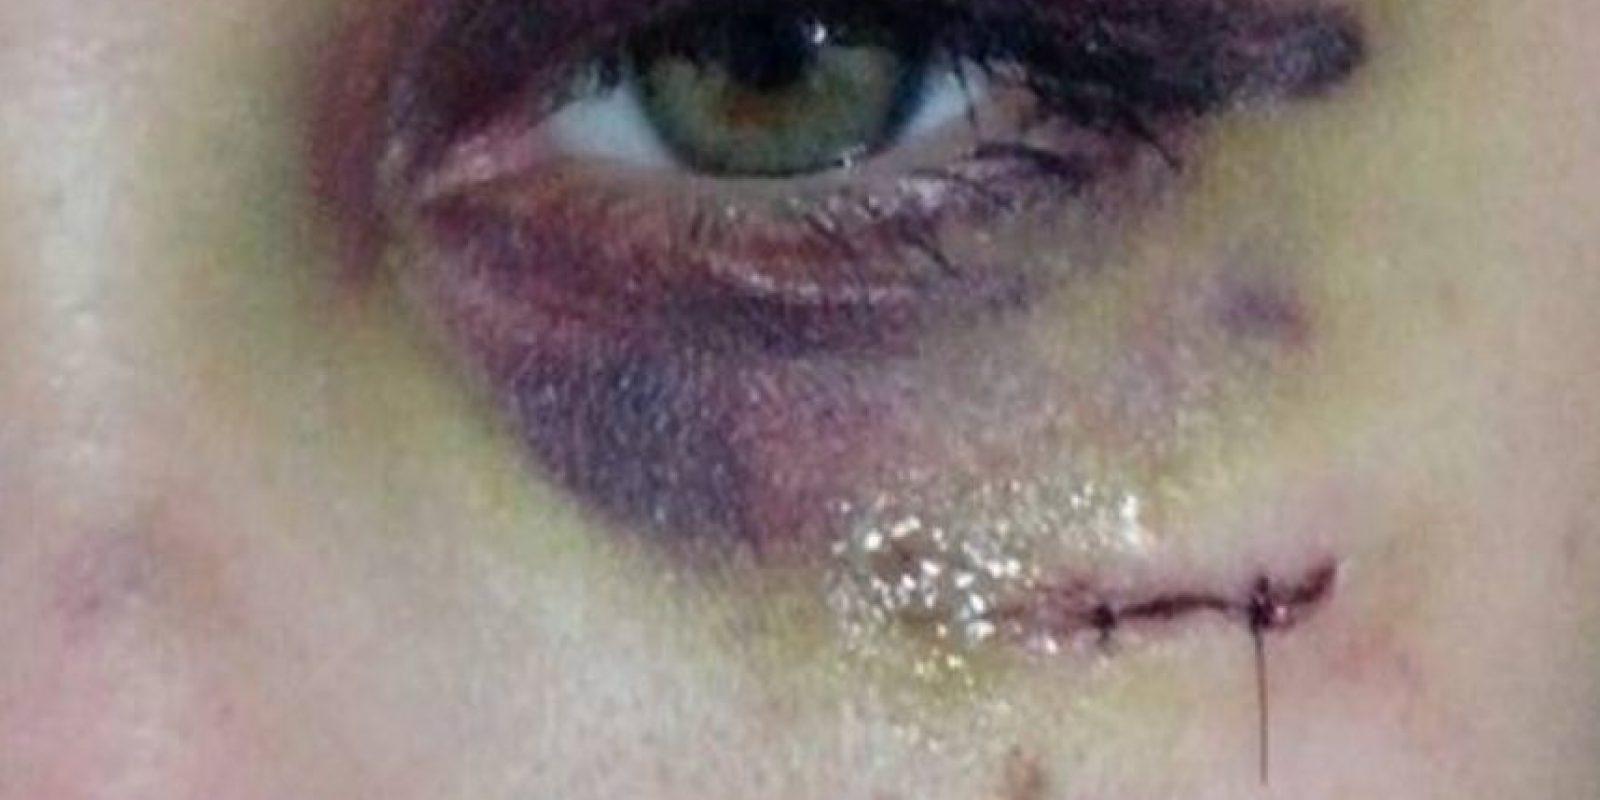 """La joven confirmó que está amenazada por su novio, aunque ya hizo la denuncia policial. Su caso podría equipararse a los que sucedieron en Estados Unidos y que dieron forma al proyecto """"Project Unbreakable"""". Foto:vía Facebook"""